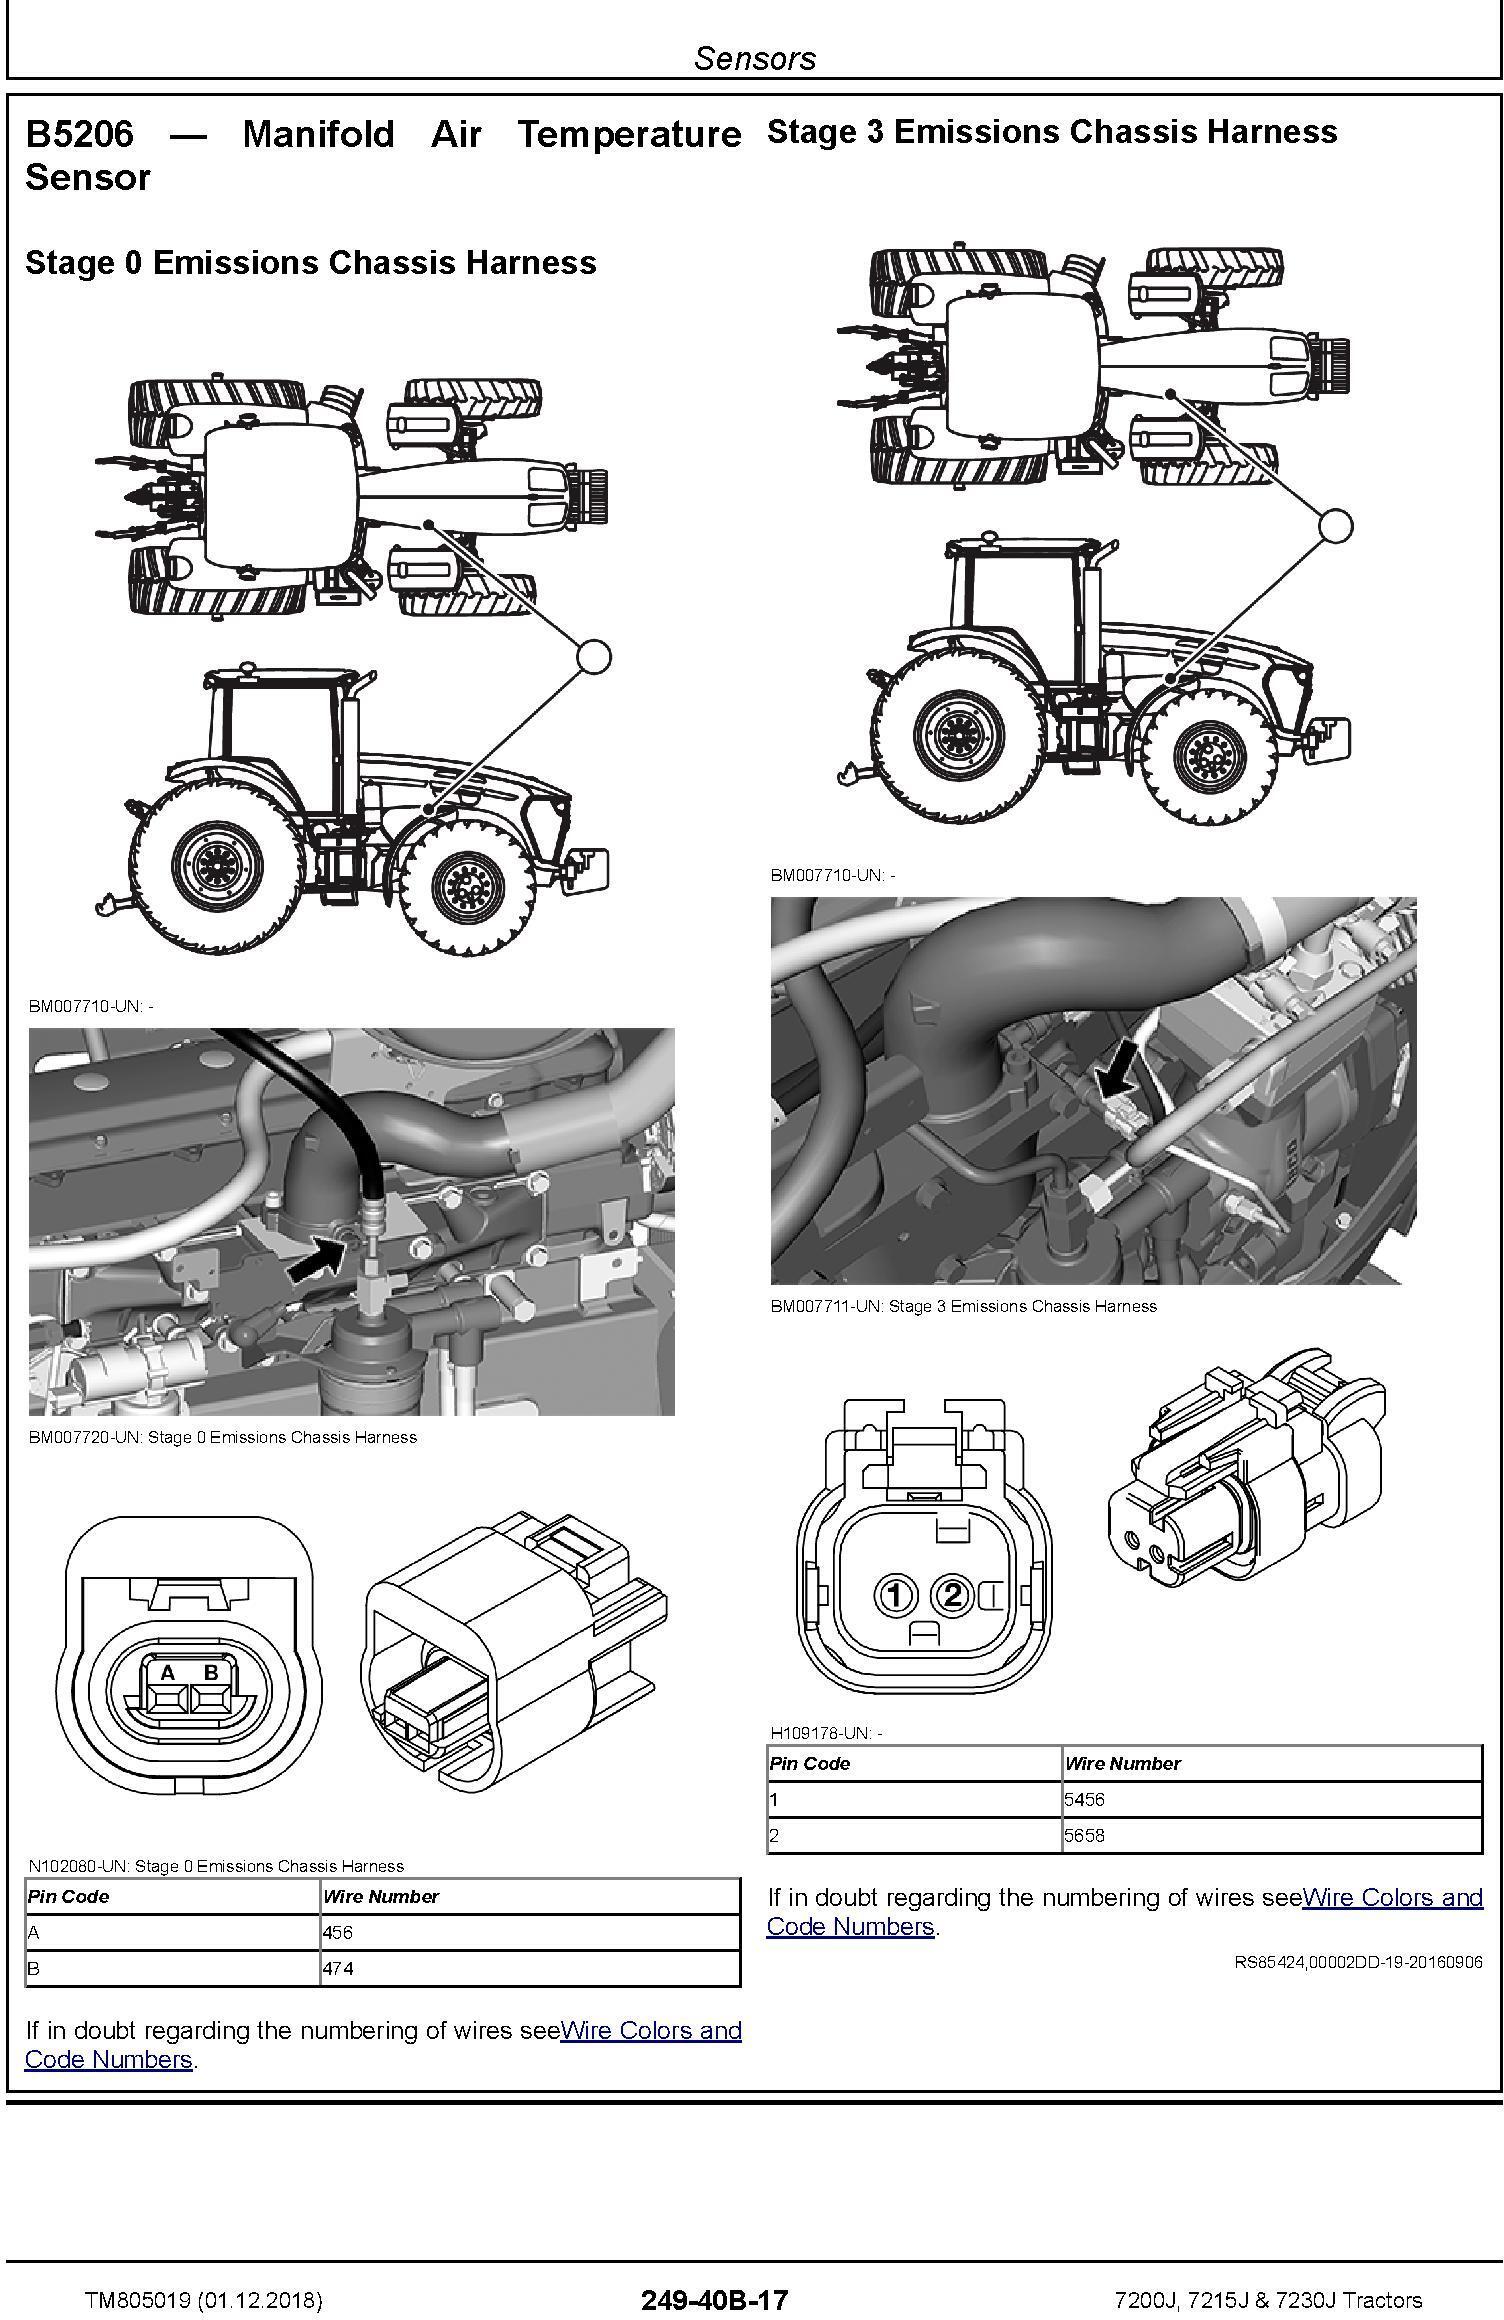 John Deere 7200J, 7215J and 7230J Tractors Diagnostic Technical Service Manual (TM805019) - 3